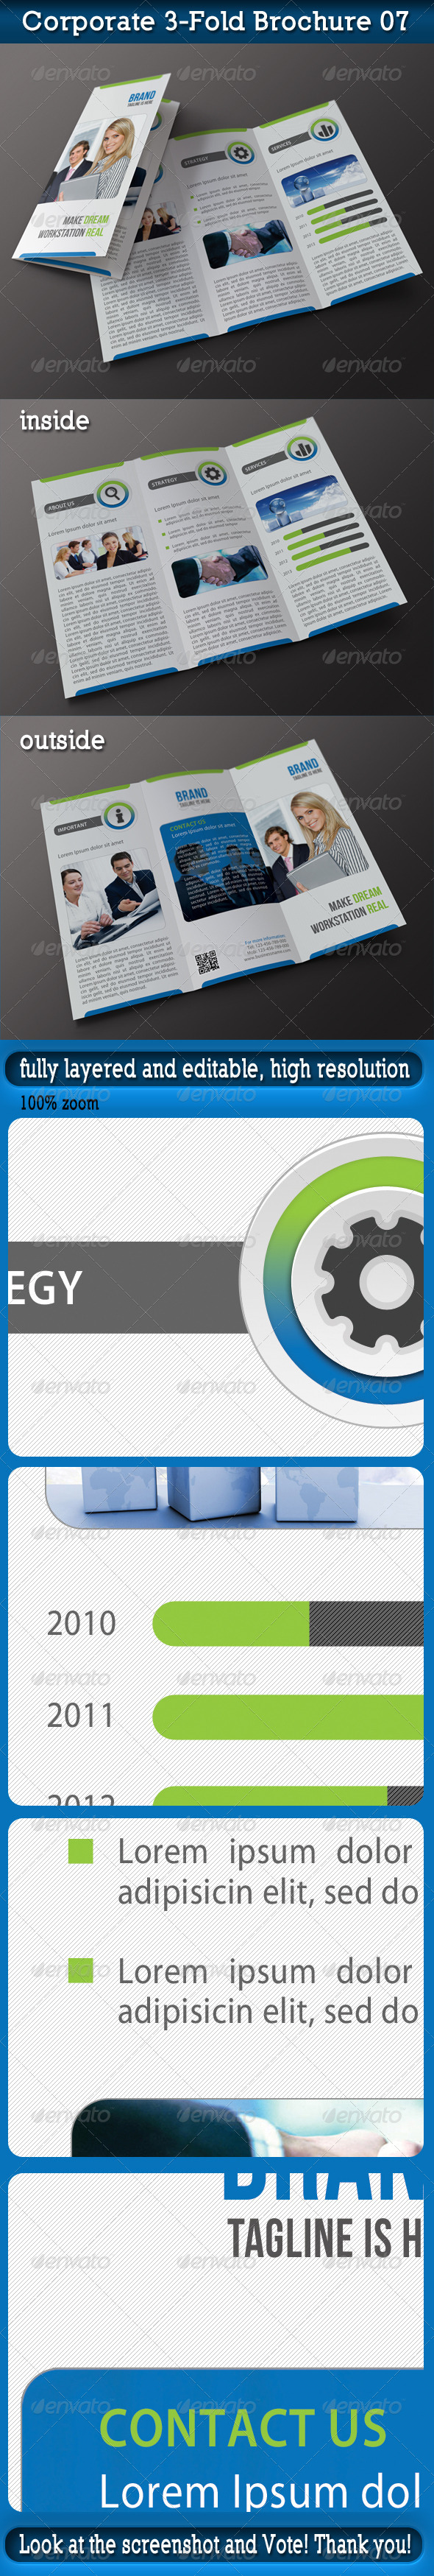 Corporate 3-Fold Brochure 07 - Corporate Brochures